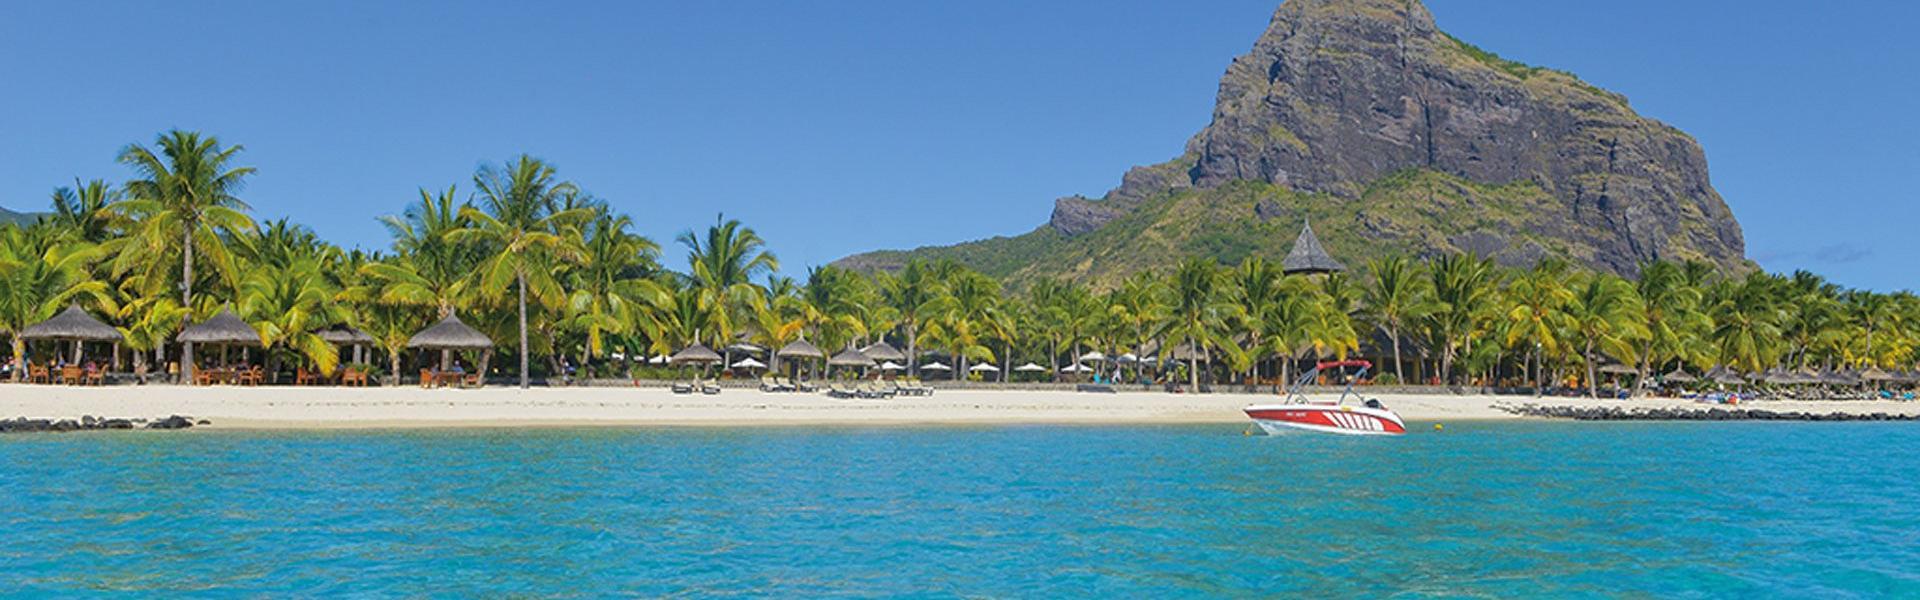 Mauritiusi utazások